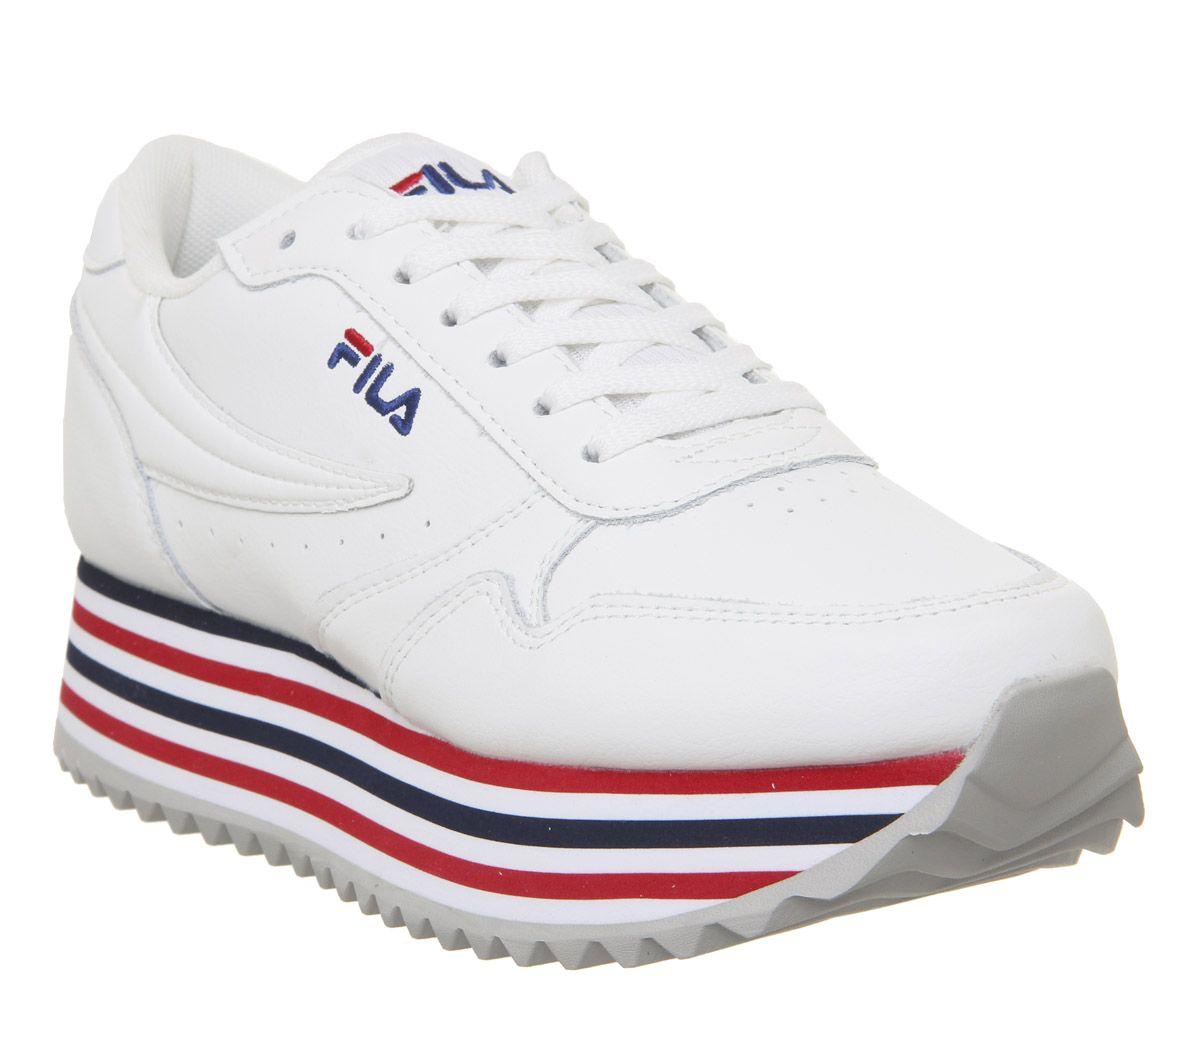 fila abbigliamento sportivo scarpe da ginnastica